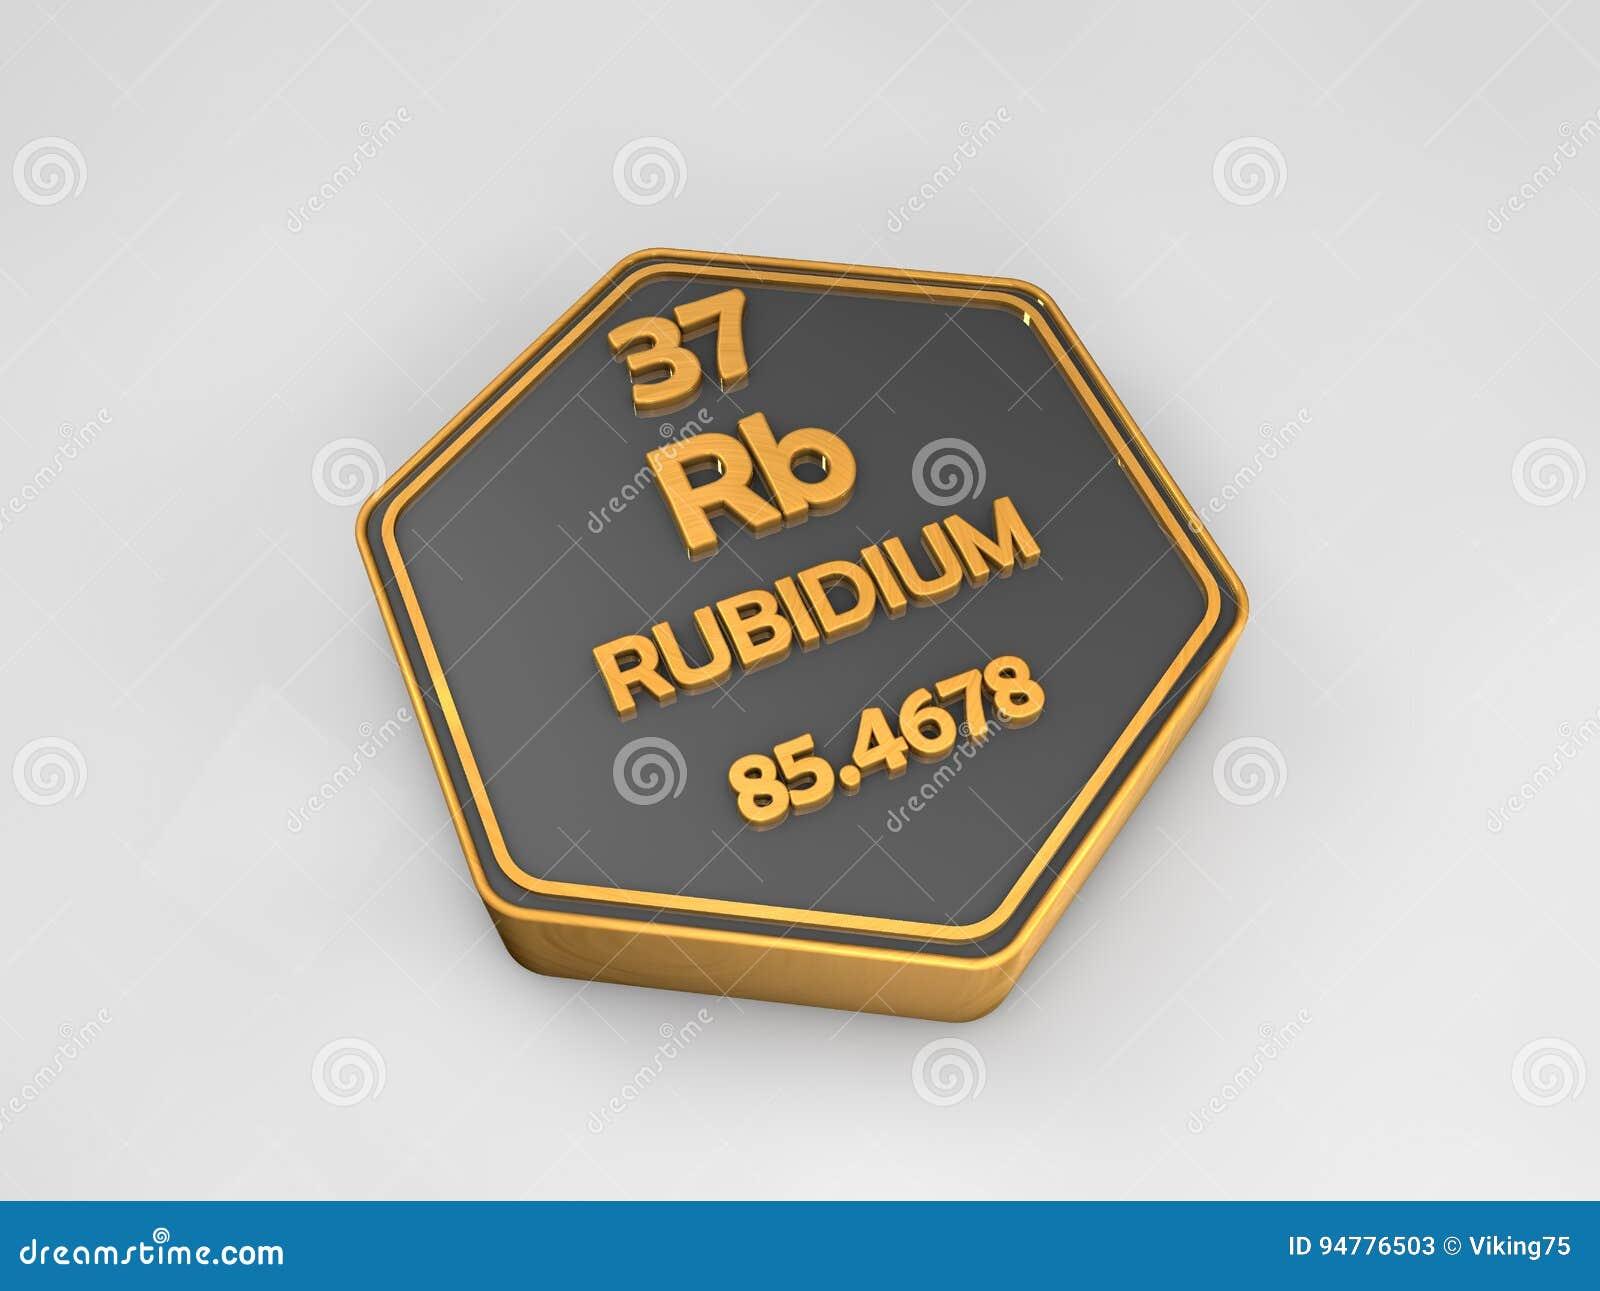 Rubidio rb forma hexagonal de la tabla peridica del elemento download rubidio rb forma hexagonal de la tabla peridica del elemento qumico stock de urtaz Image collections